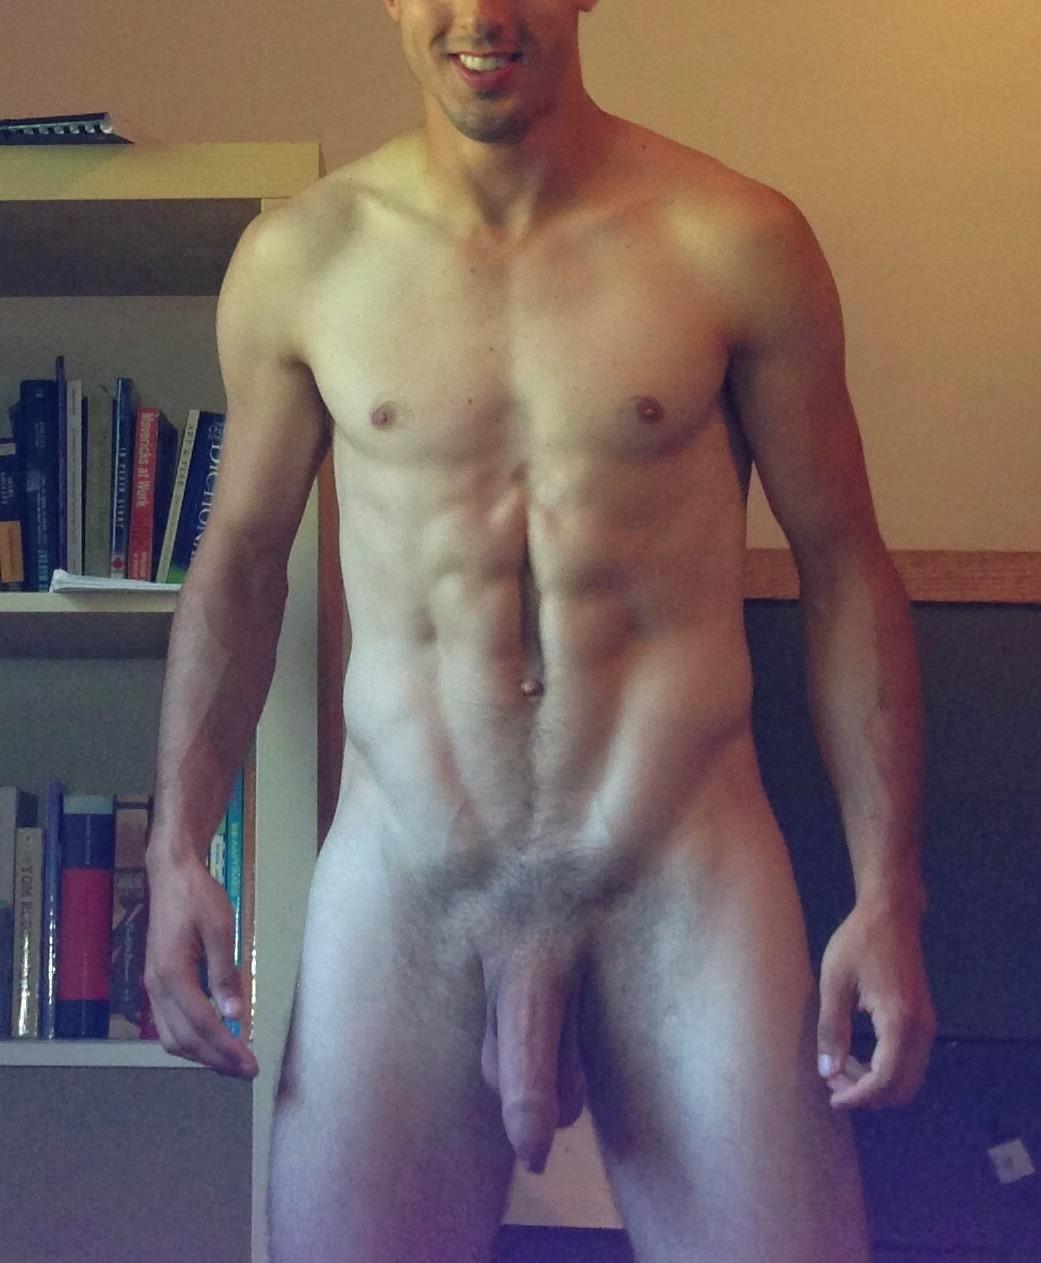 Pajas Porno Xxx xclusive gay porno sexo tema gay pajas xxx gay gallery-51060